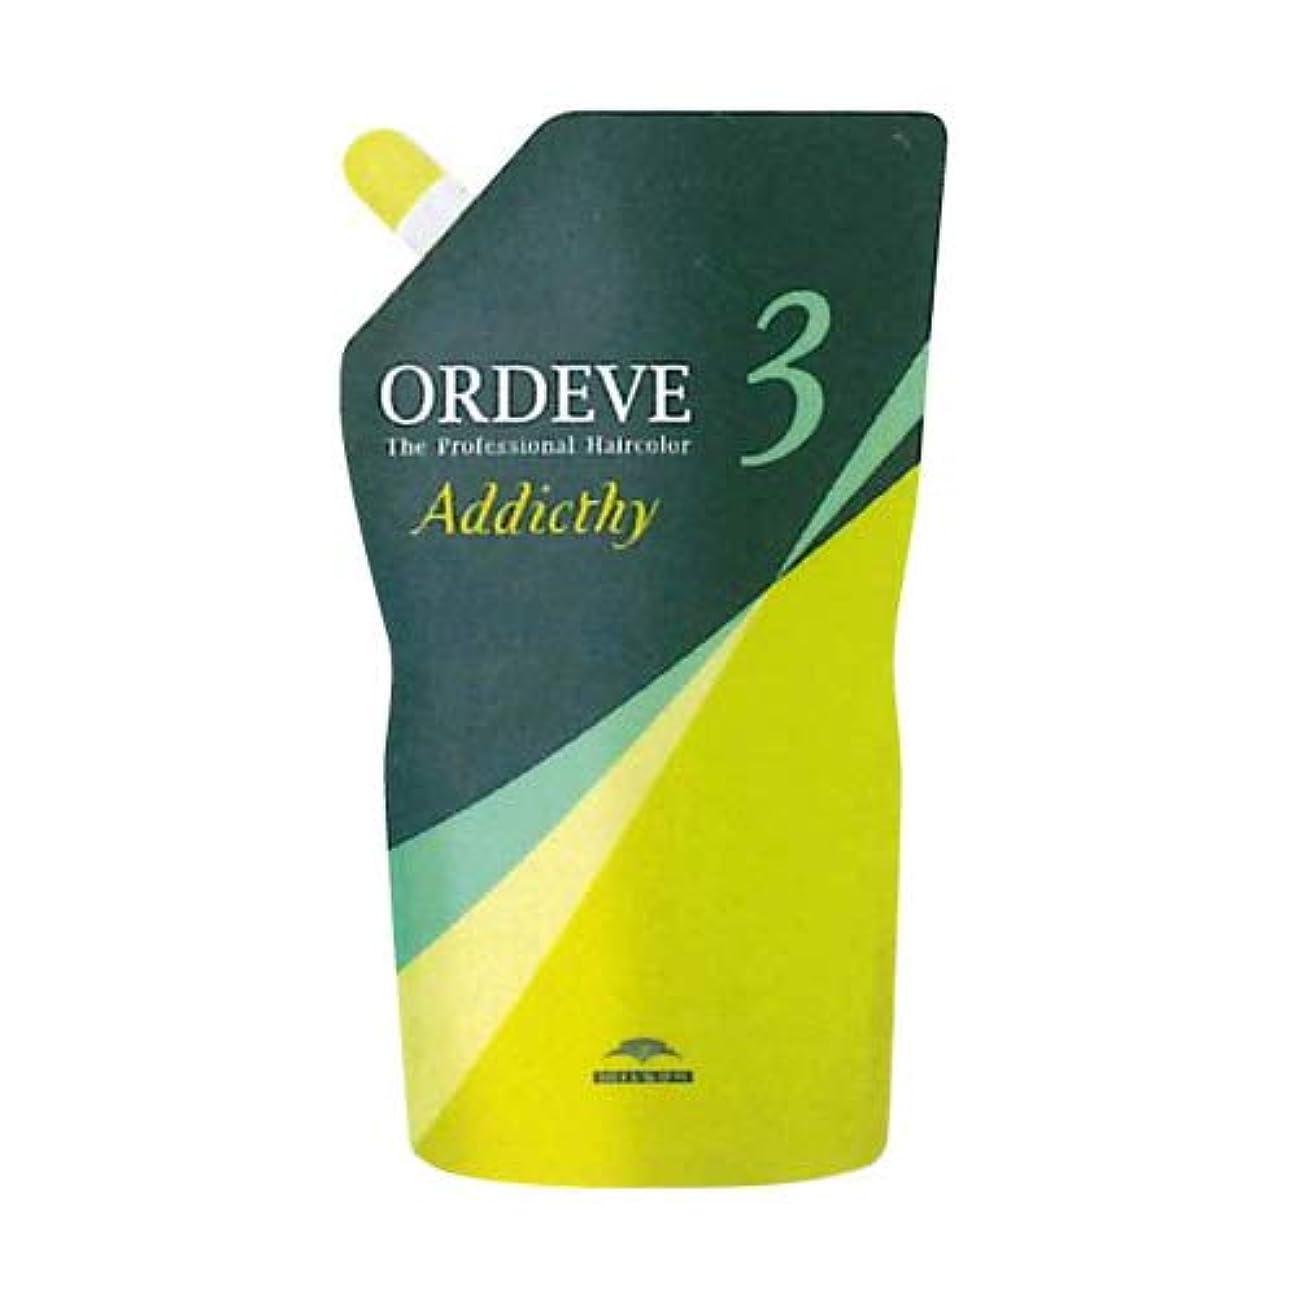 侵入する悲観主義者効能あるミルボン オルディーブ アディクシー 2剤 オキシダン 3.0% 1000ml